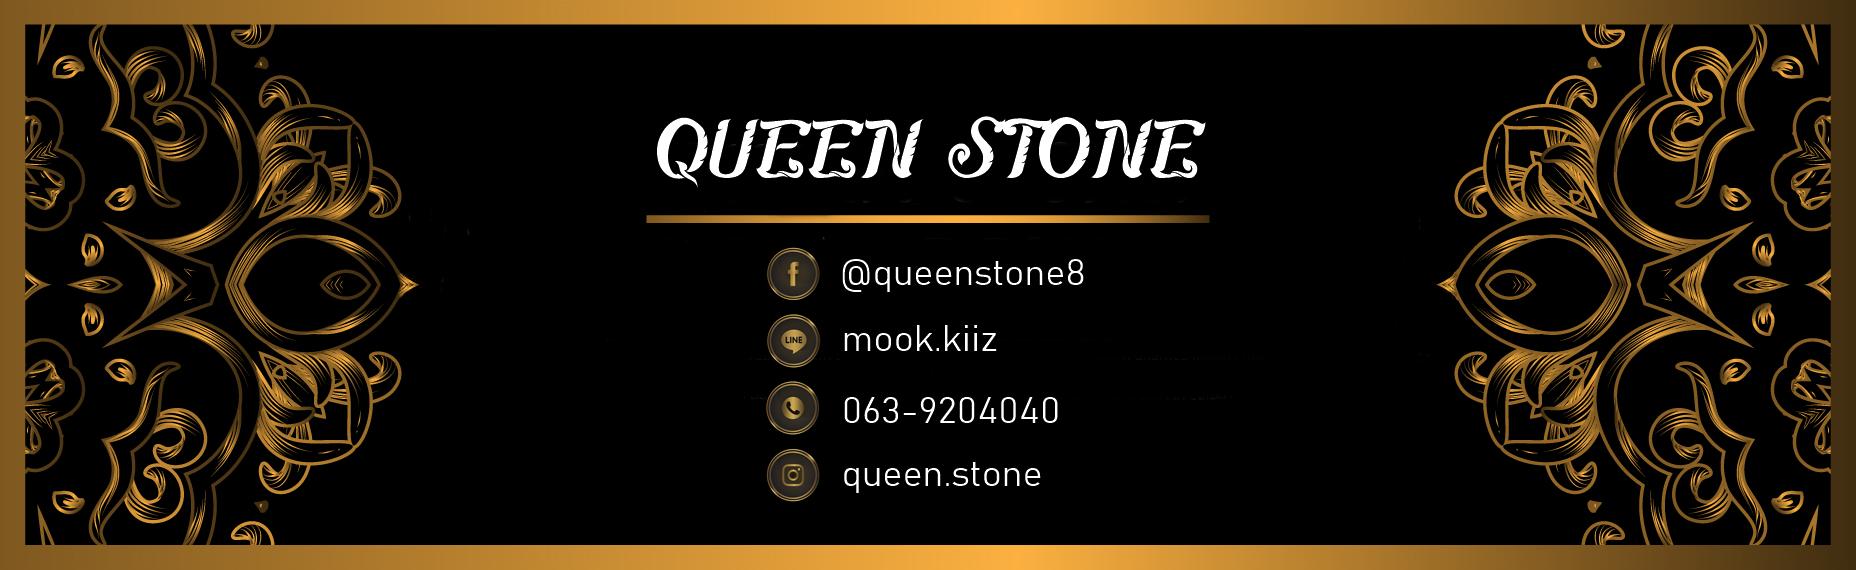 Queen Stone